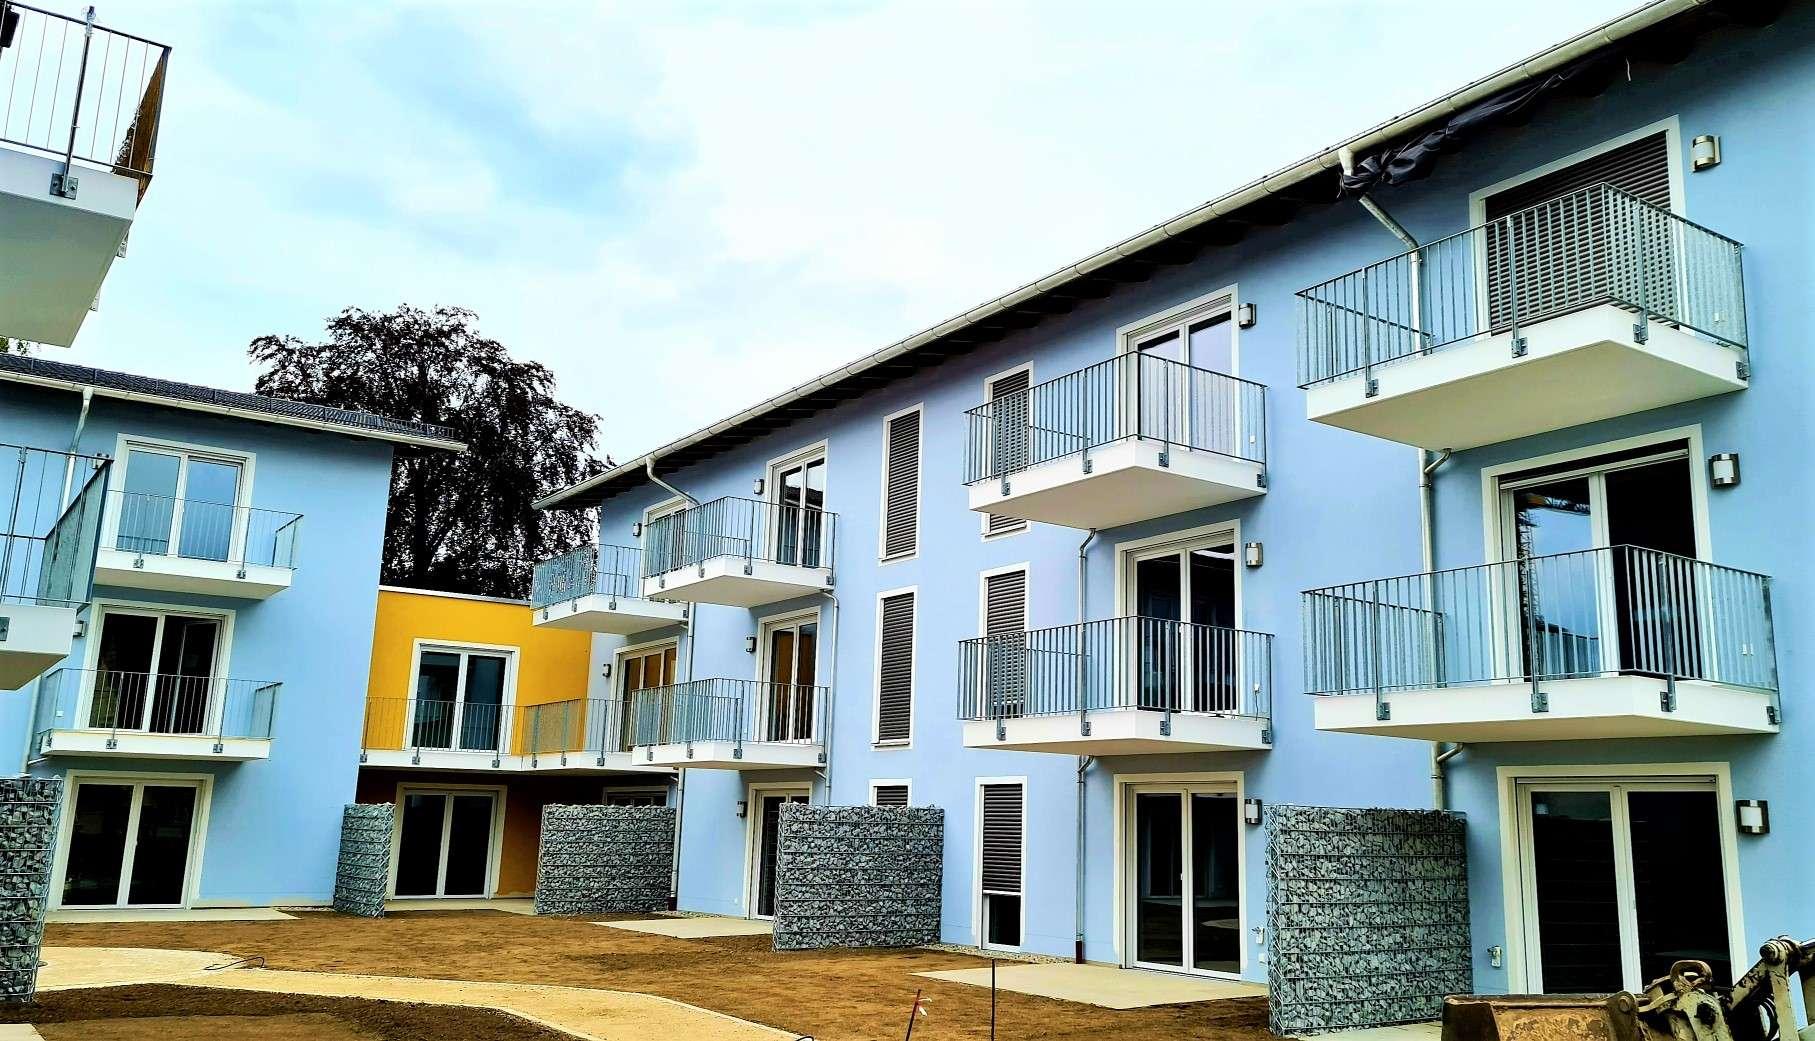 Großzügige 3-Zimmerwohnung mit Balkon in zentraler Lage in